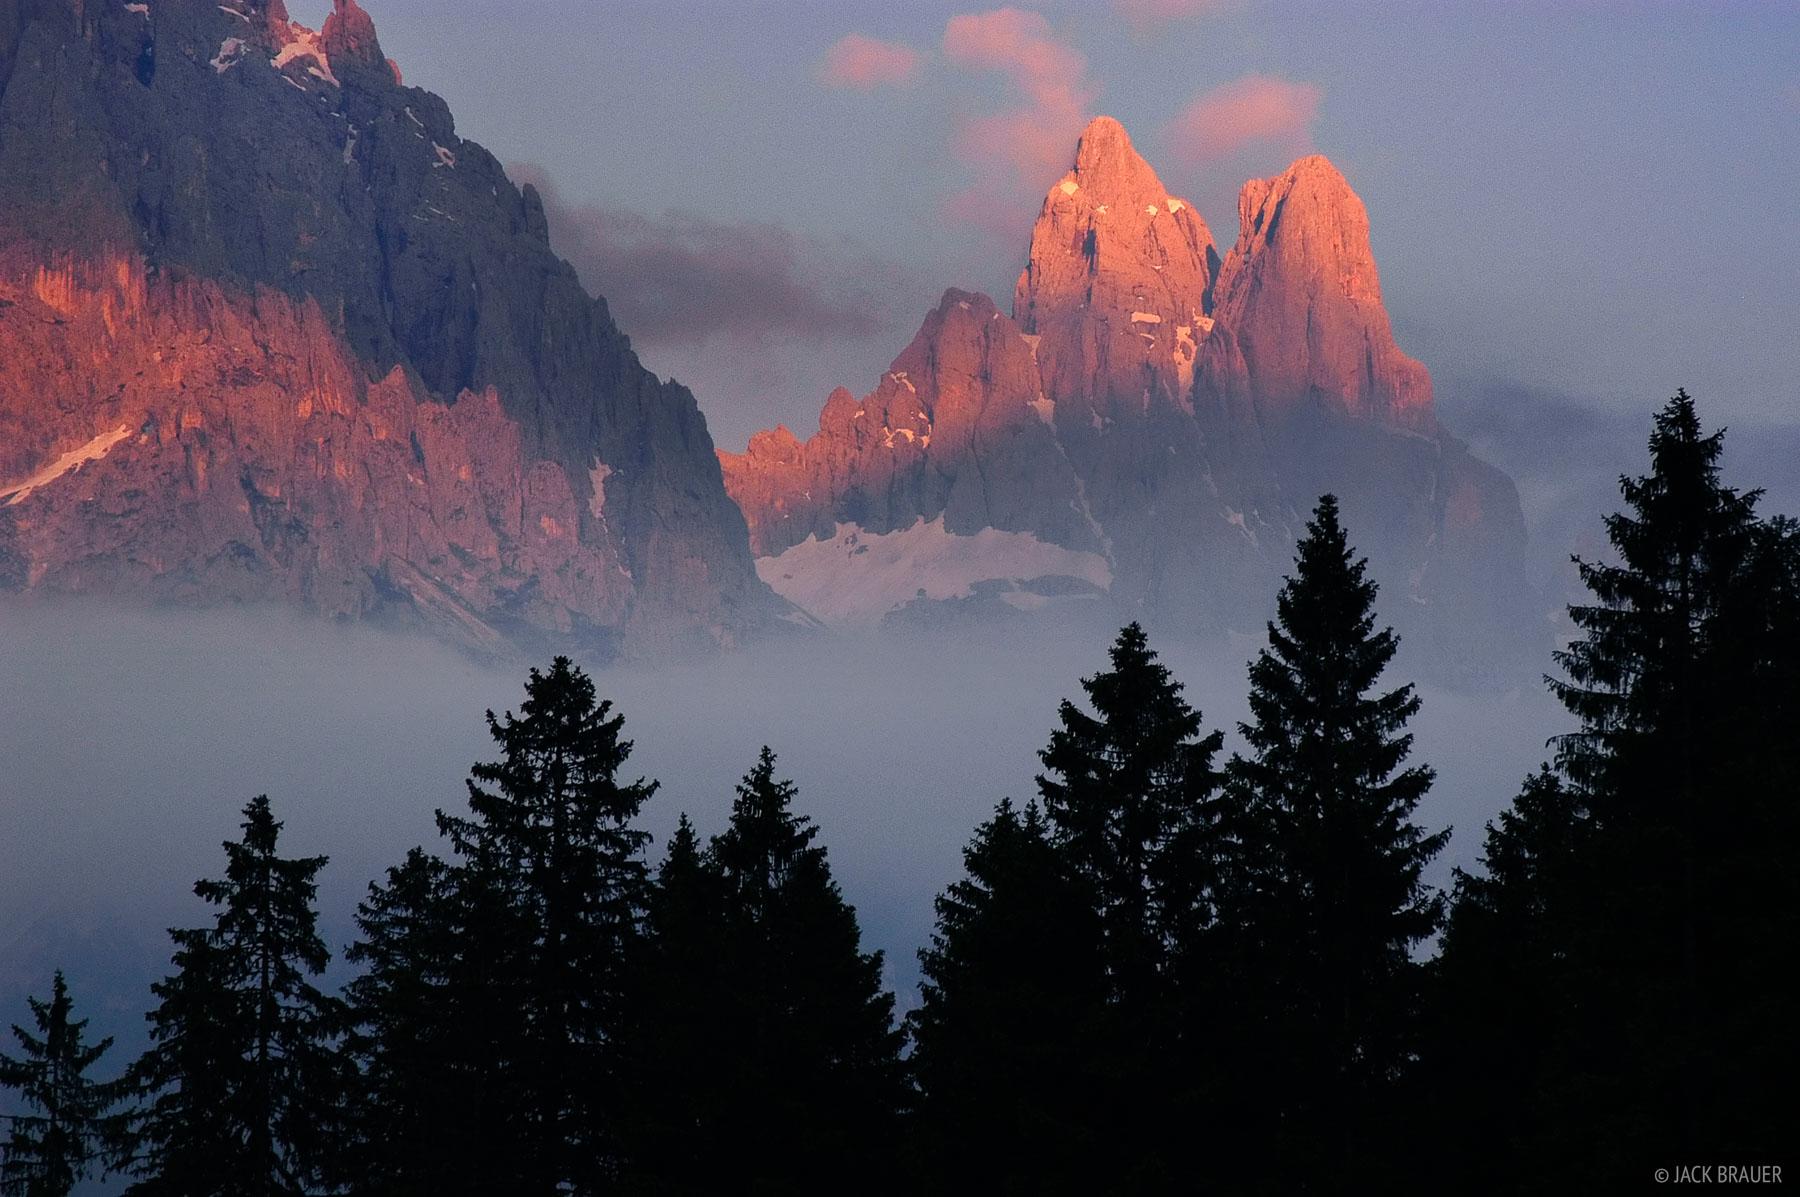 Cima della Madonna, San Martino di Castrozza, Dolomites, Italy, photo